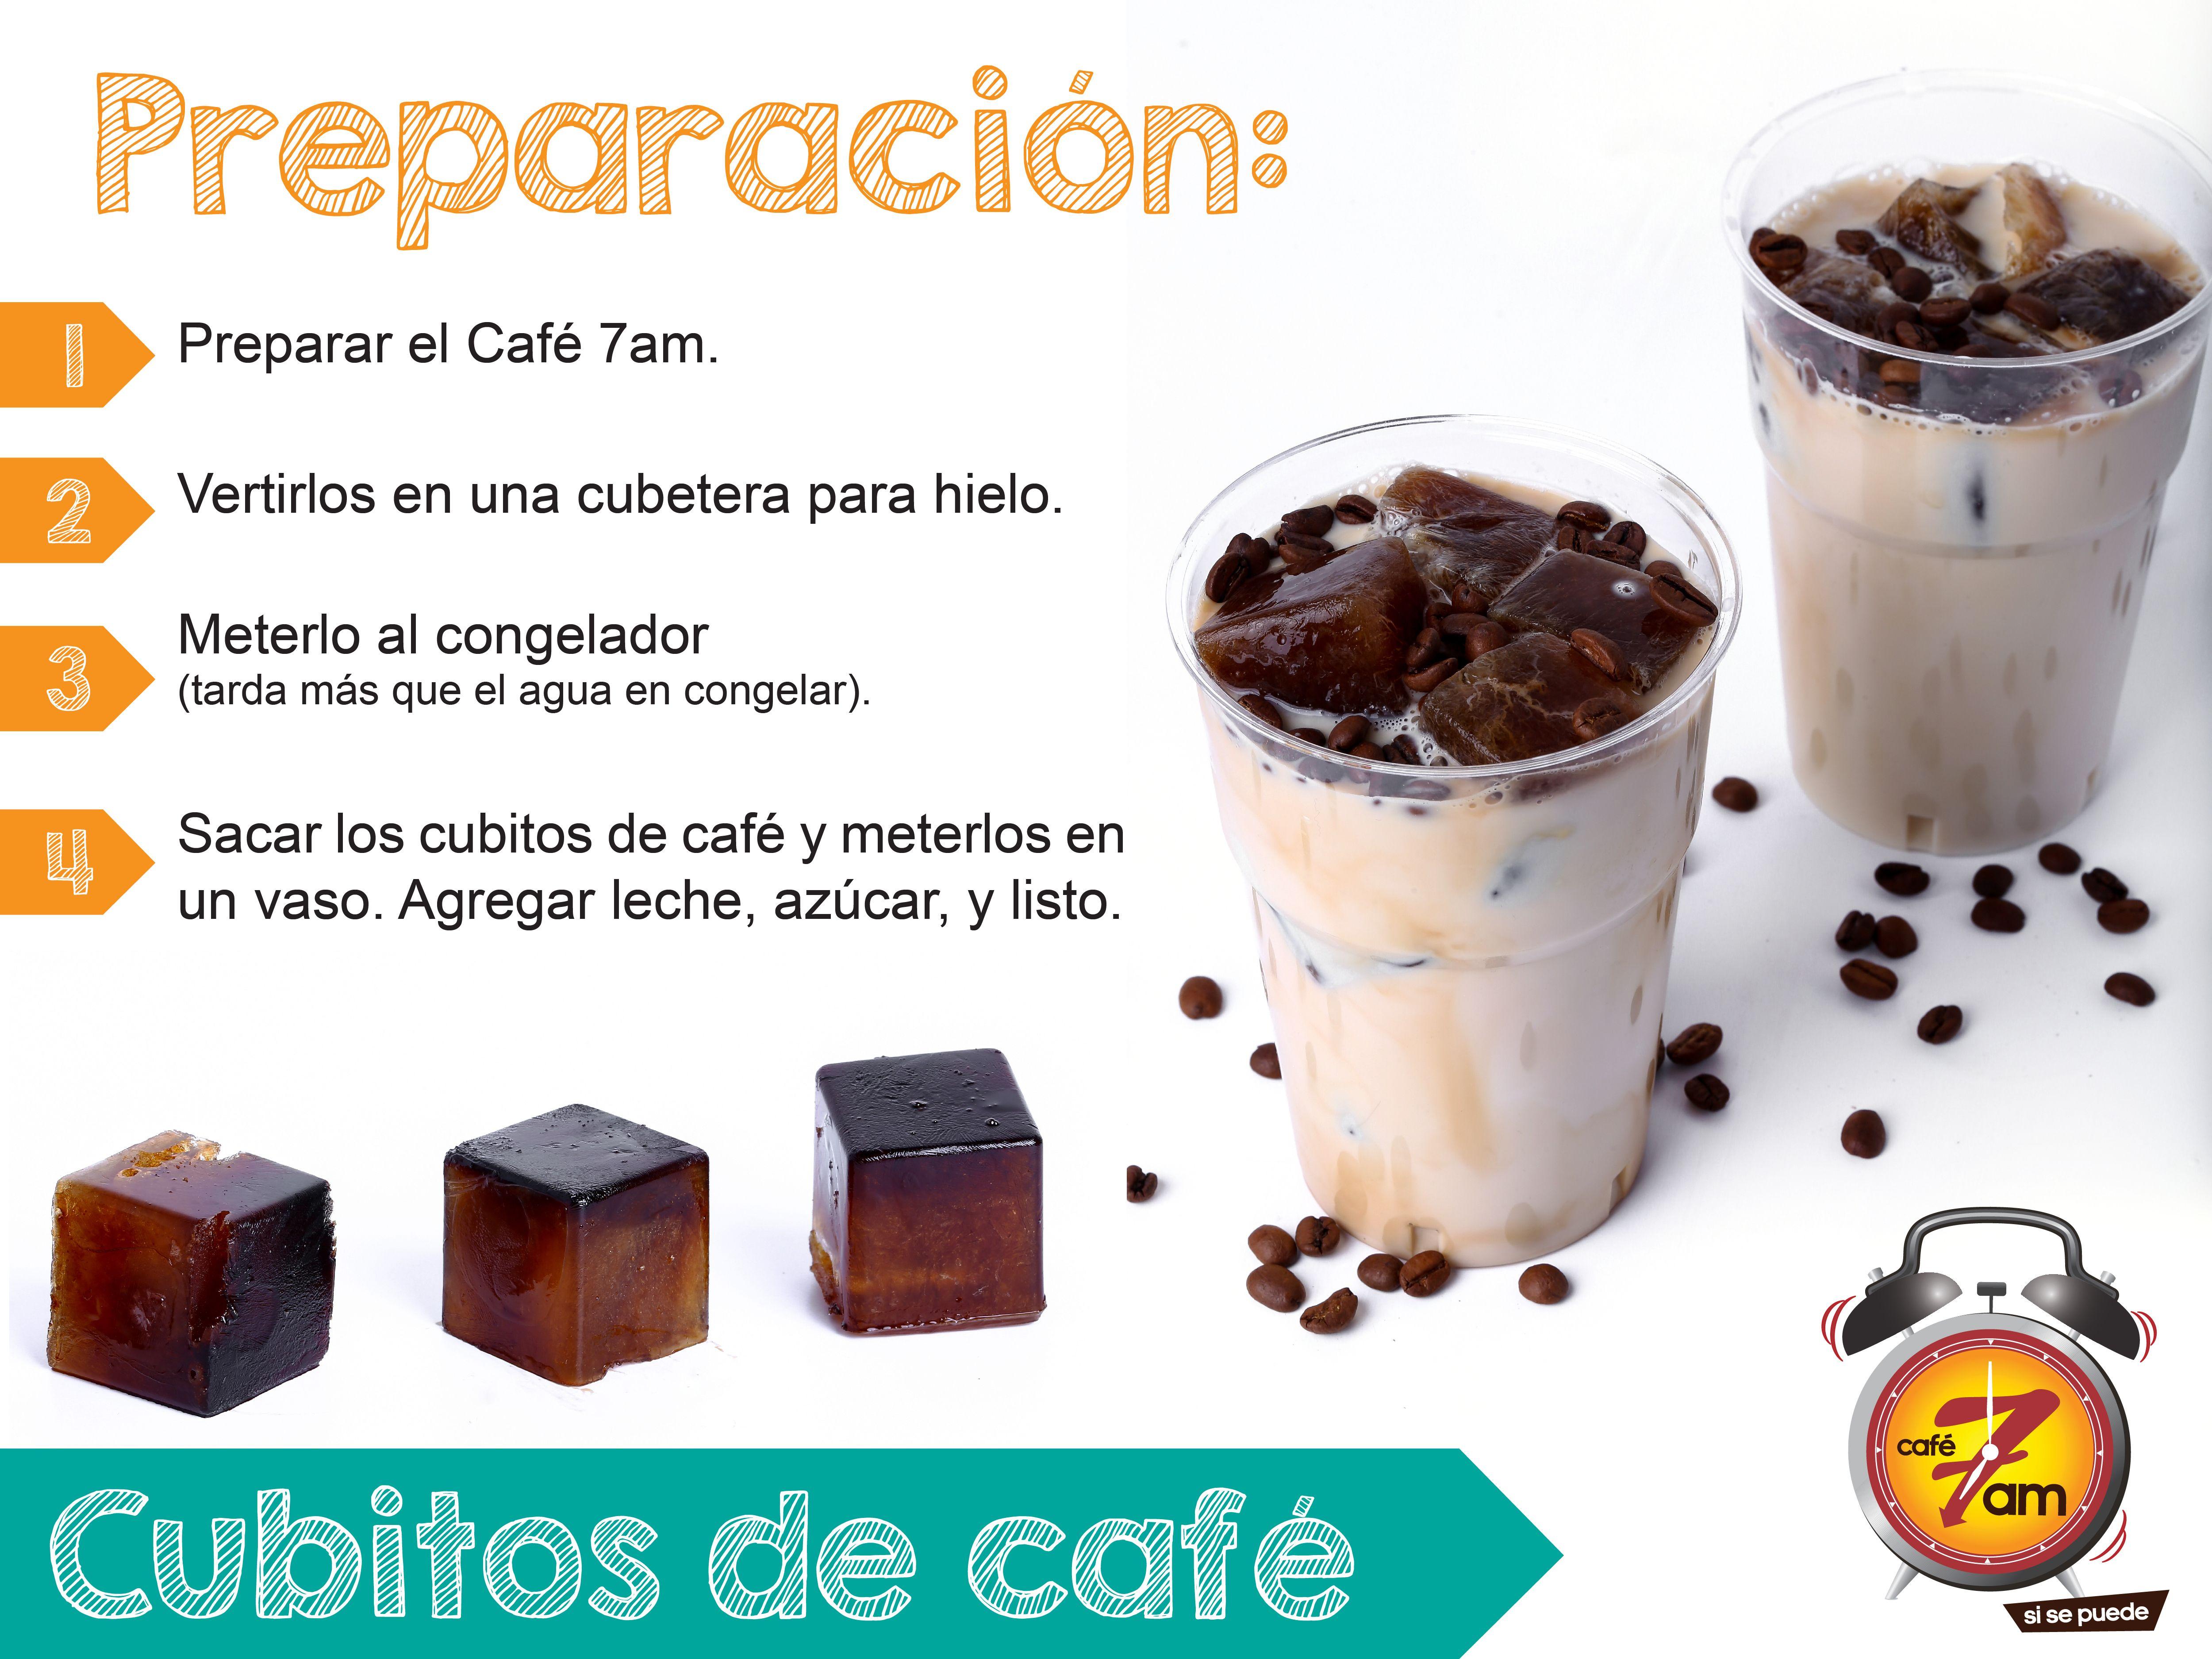 Consejo Podes Utilizar El Cafe Sobrante Para Hacer Los Cubitos De Hielo De Cafe Y Luego Hacer Tu Cafe 7am Recetas Para Cocinar Cafe Con Hielo Como Hacer Cafe